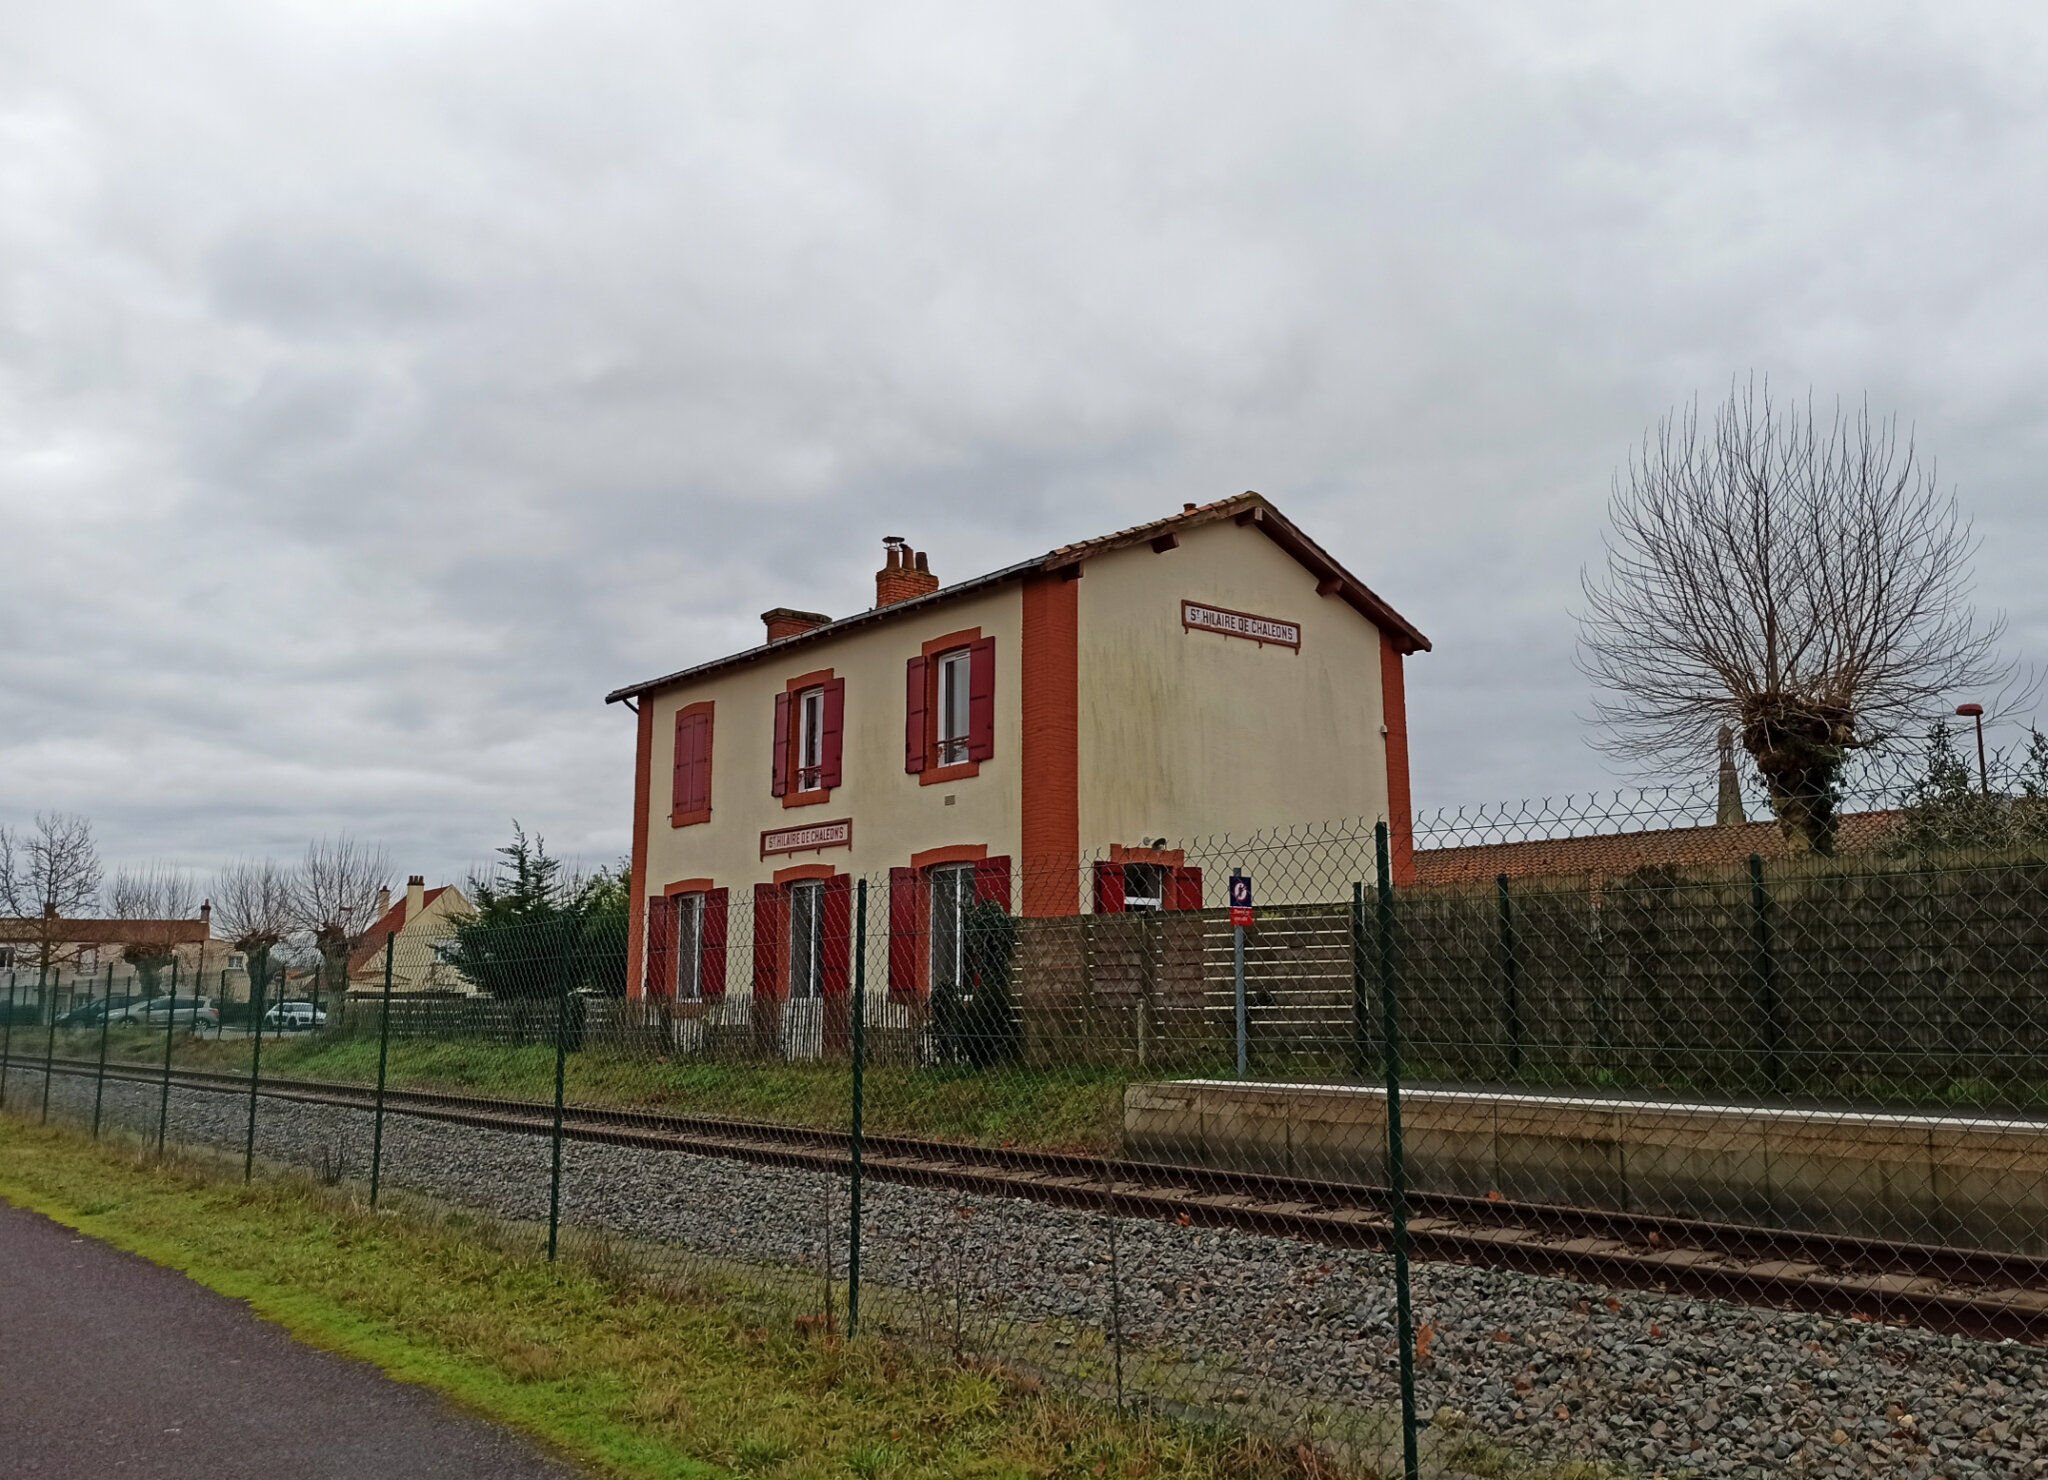 Saint-Hilaire-de-Chaléons (Loire-Atlantique - 44) côté voies